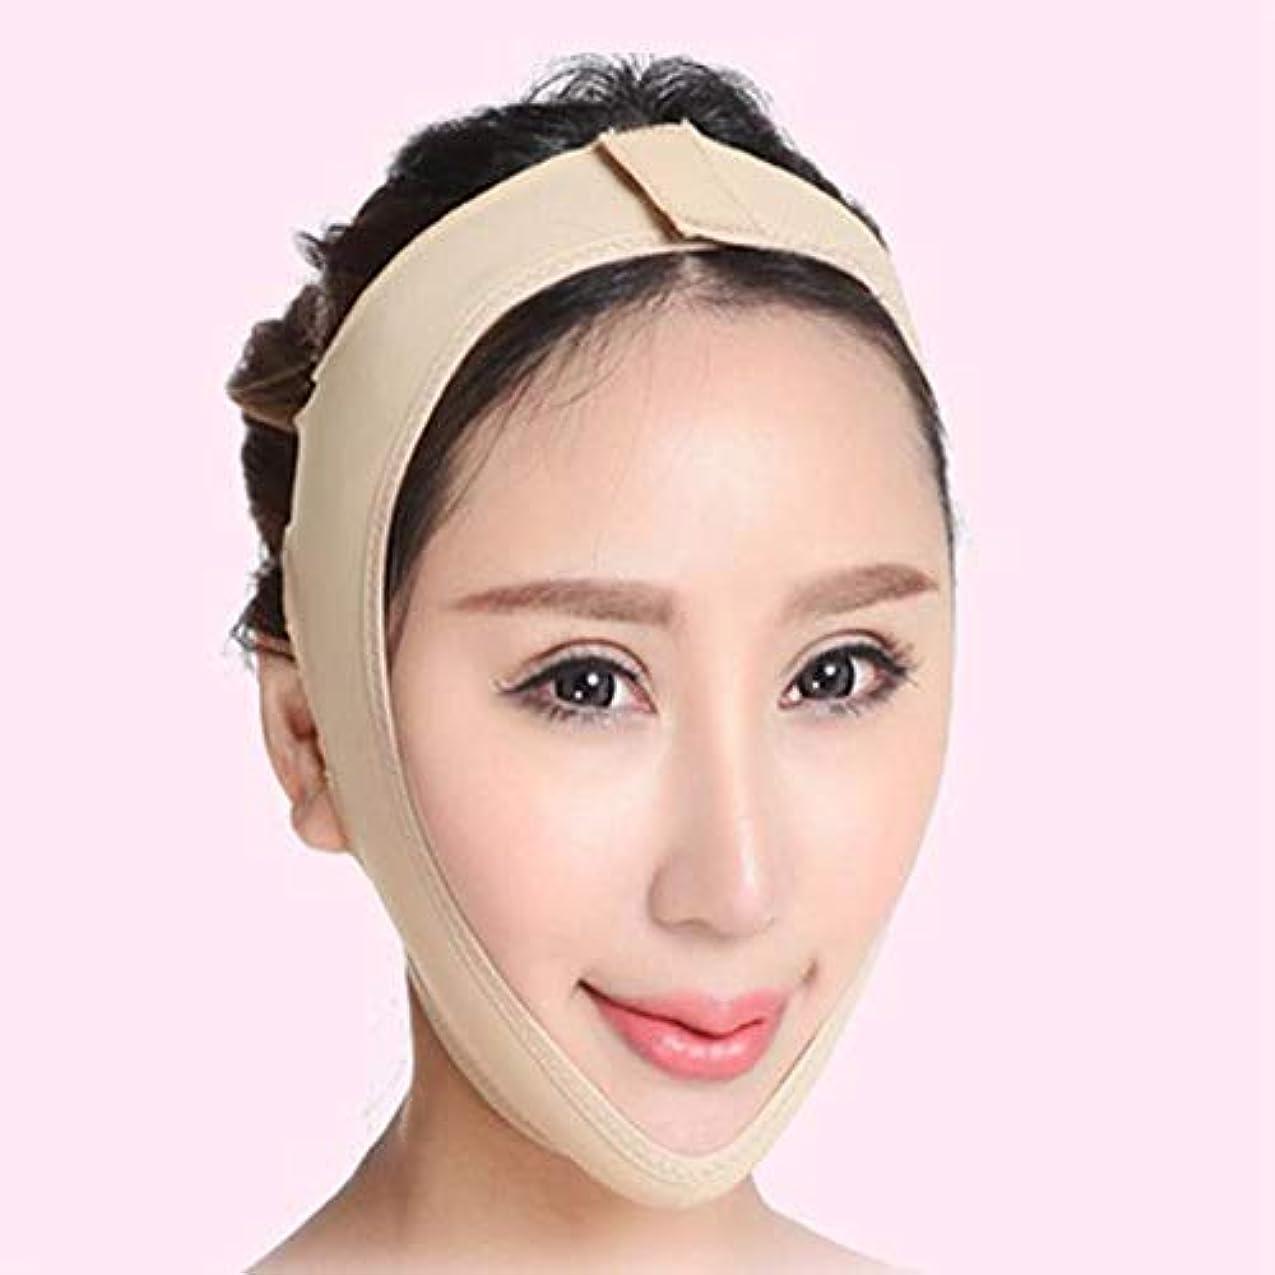 本質的ではないペルーオセアニアMR 小顔マスク リフトアップ マスク フェイスラインシャープ メンズ レディース Sサイズ MR-AZD15003-S